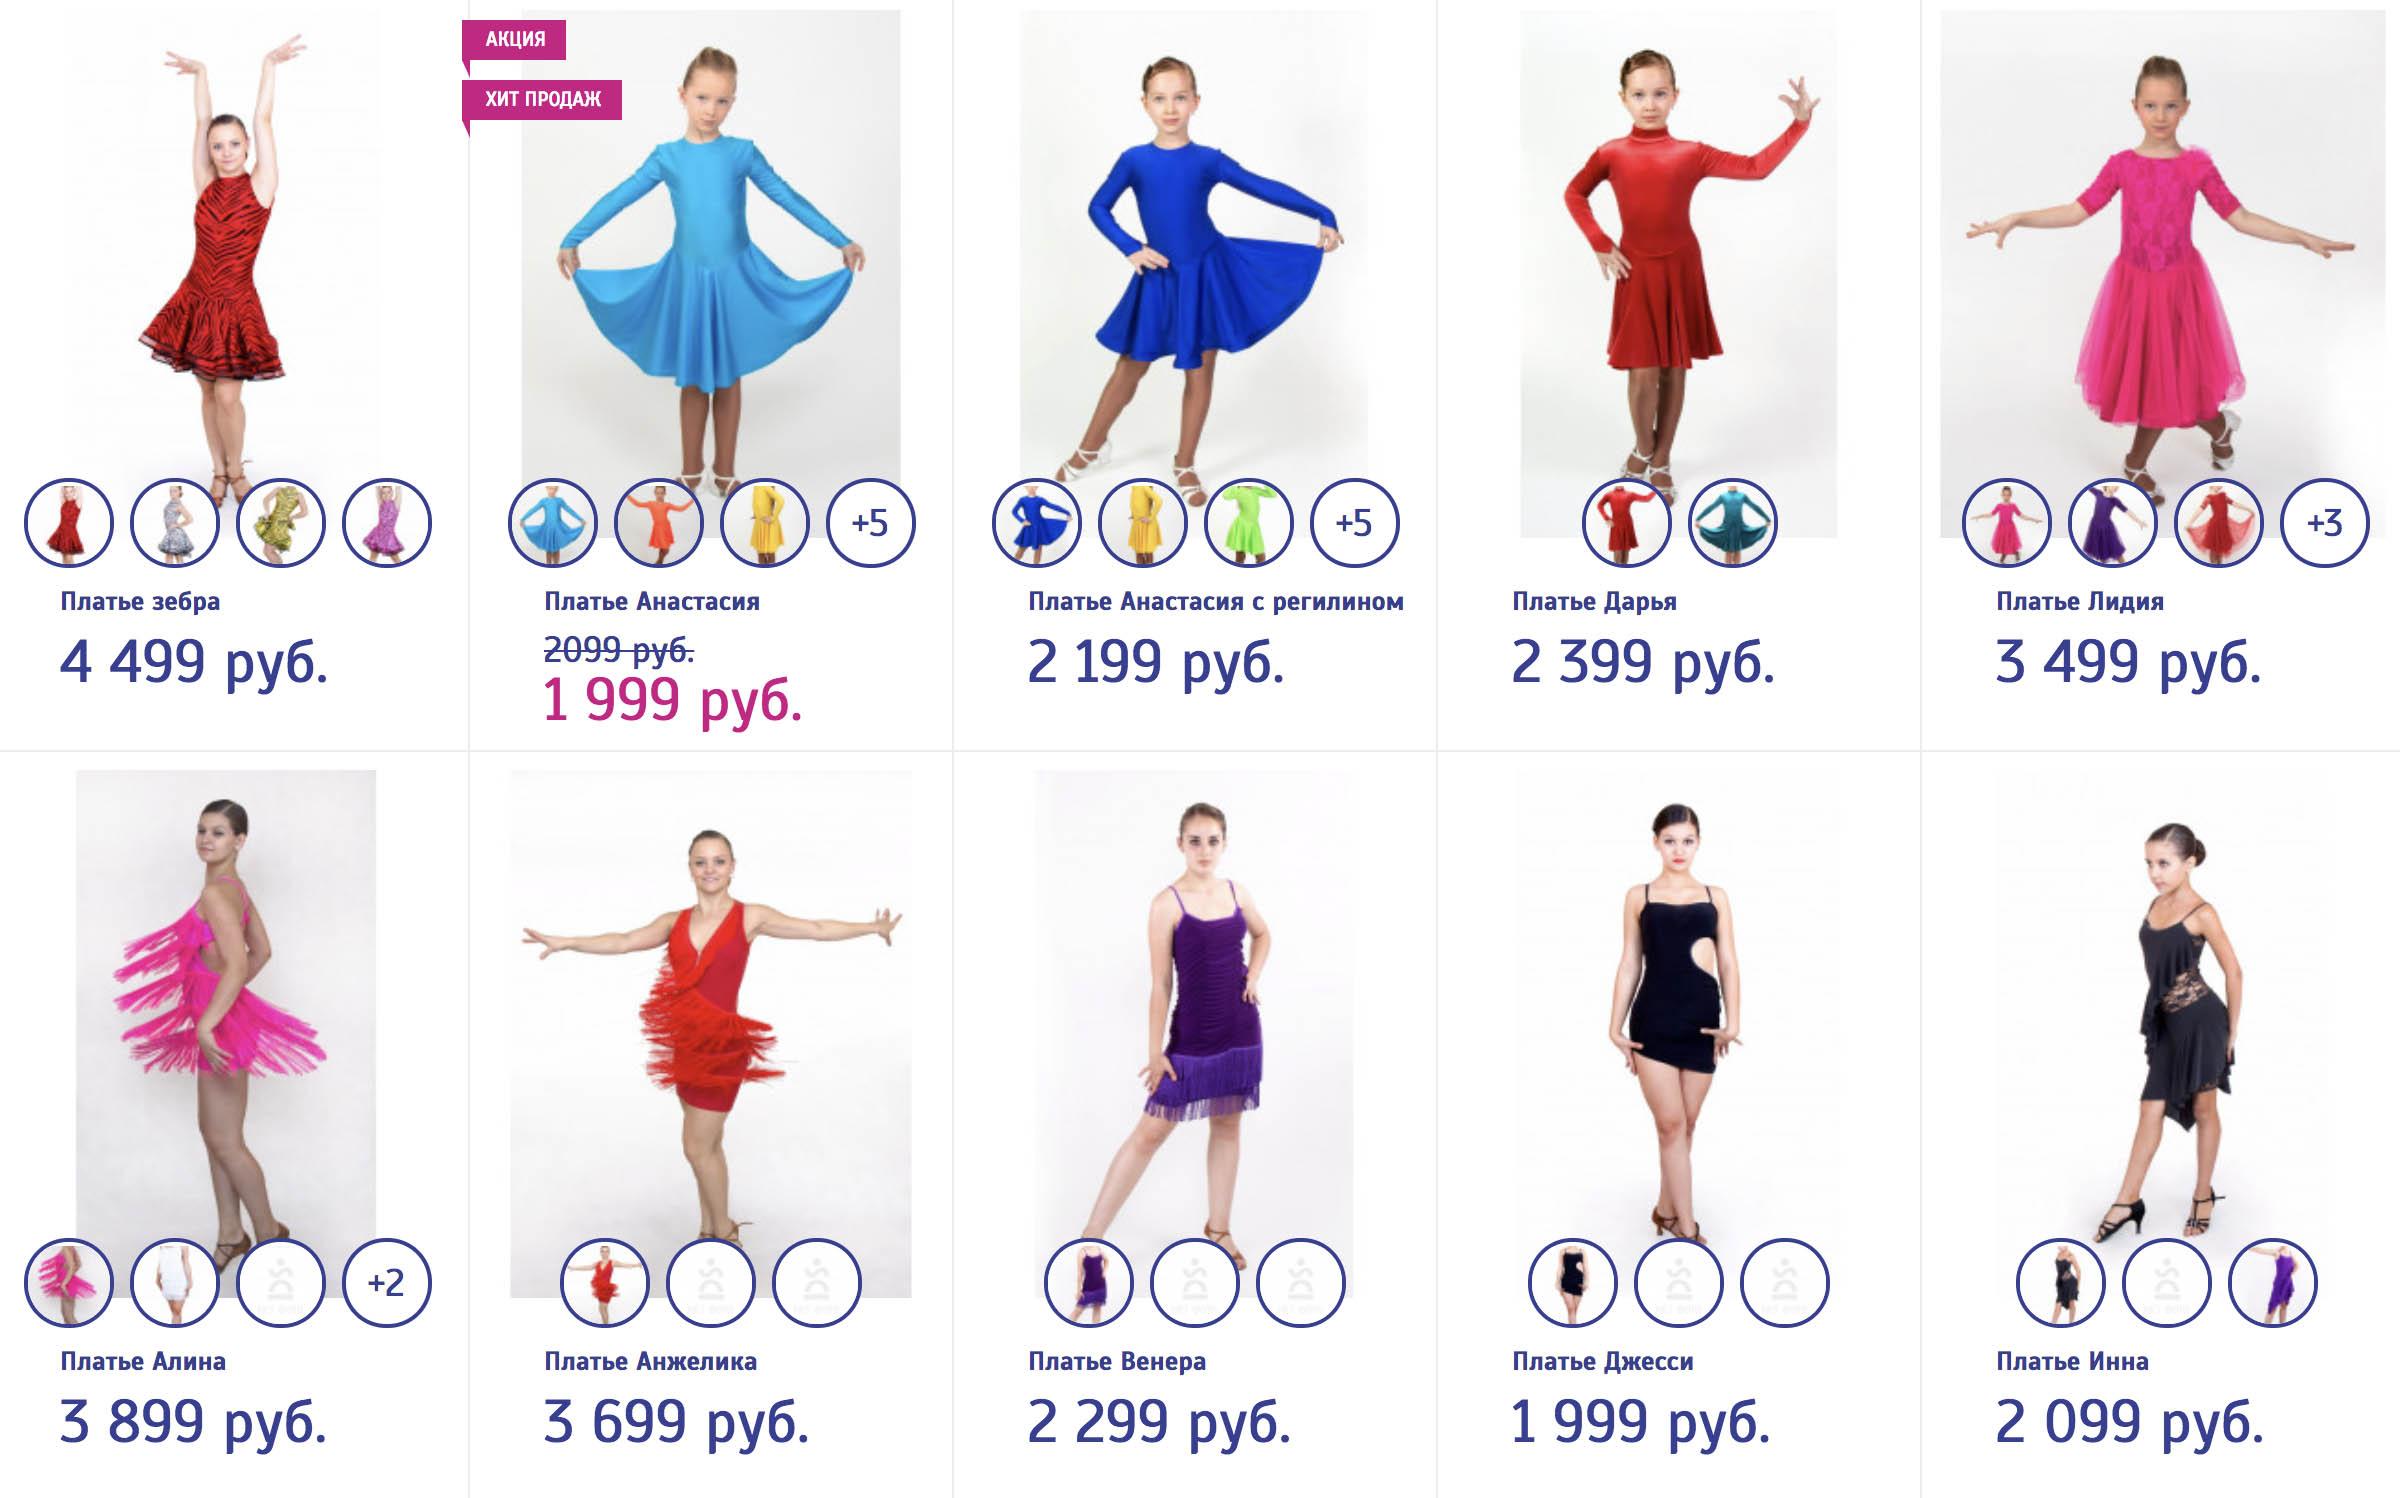 Для выступлений покупают разноцветные платья из гипюра и фатина. Они украшены бахромой, декором и воланами. Источник: danceshop.ru